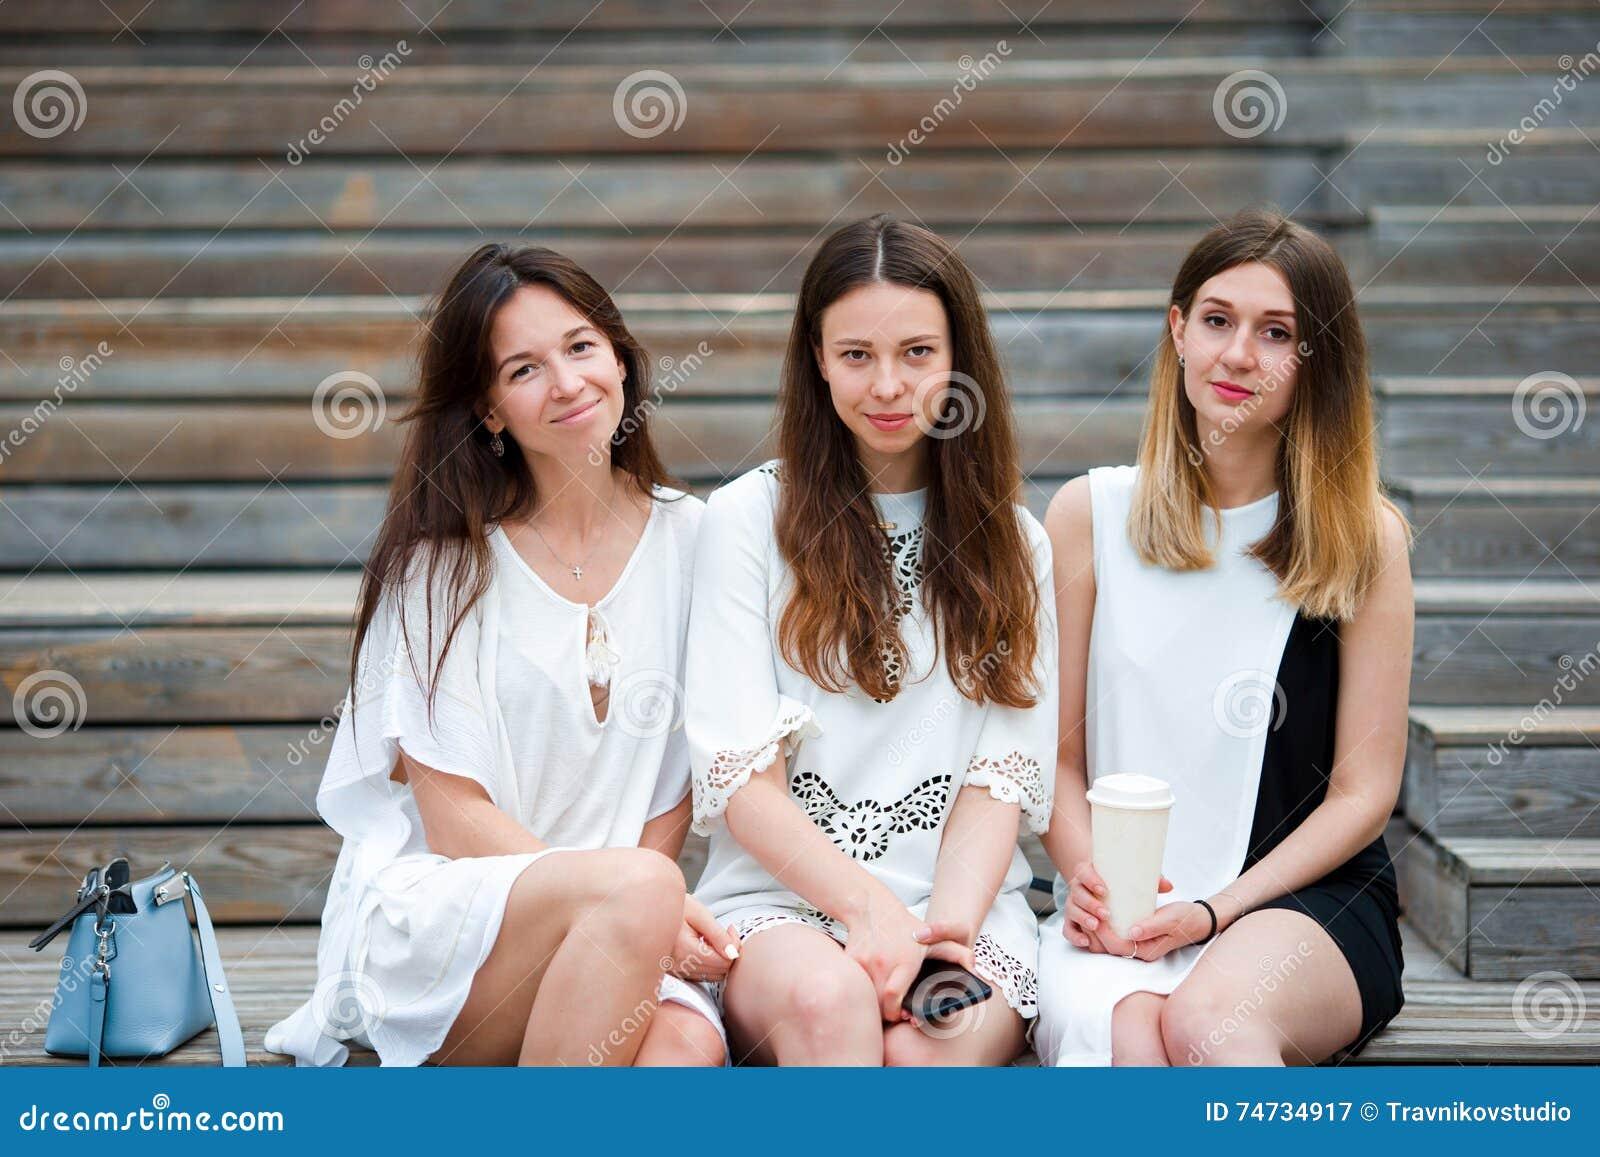 Hot caucasian women